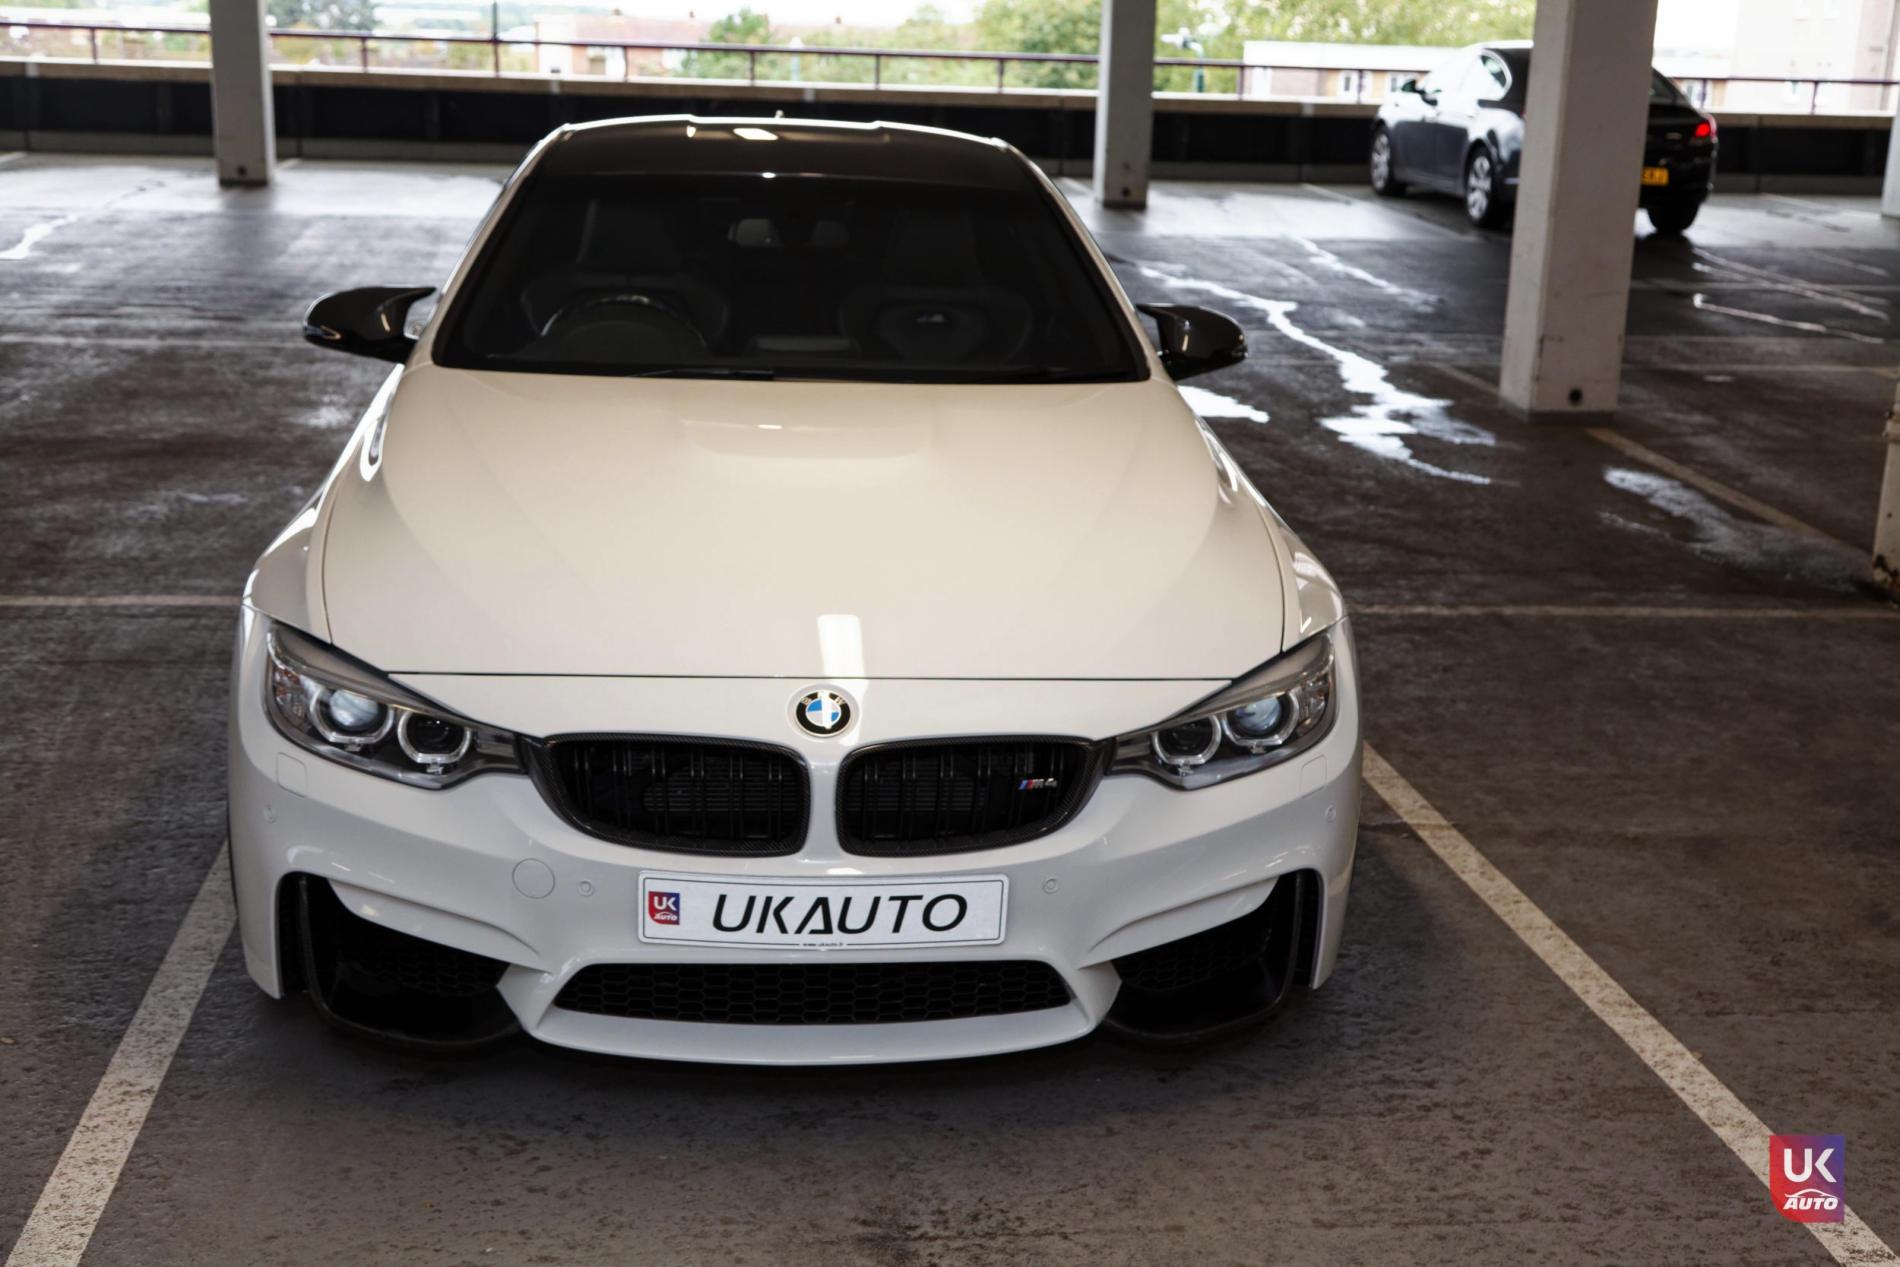 BMW M4 UK IMPORTATION M4 ANGLETERRE LIVRAISON DE CETTE BMW POUR NOTRE CLIENT POUR CETTE M4 RHD PAR UKAUTO1 - BMW M4 UK IMPORTATION M4 ANGLETERRE LIVRAISON DE CETTE BMW POUR NOTRE CLIENT POUR CETTE M4 RHD FELICITATION A FLORIAN